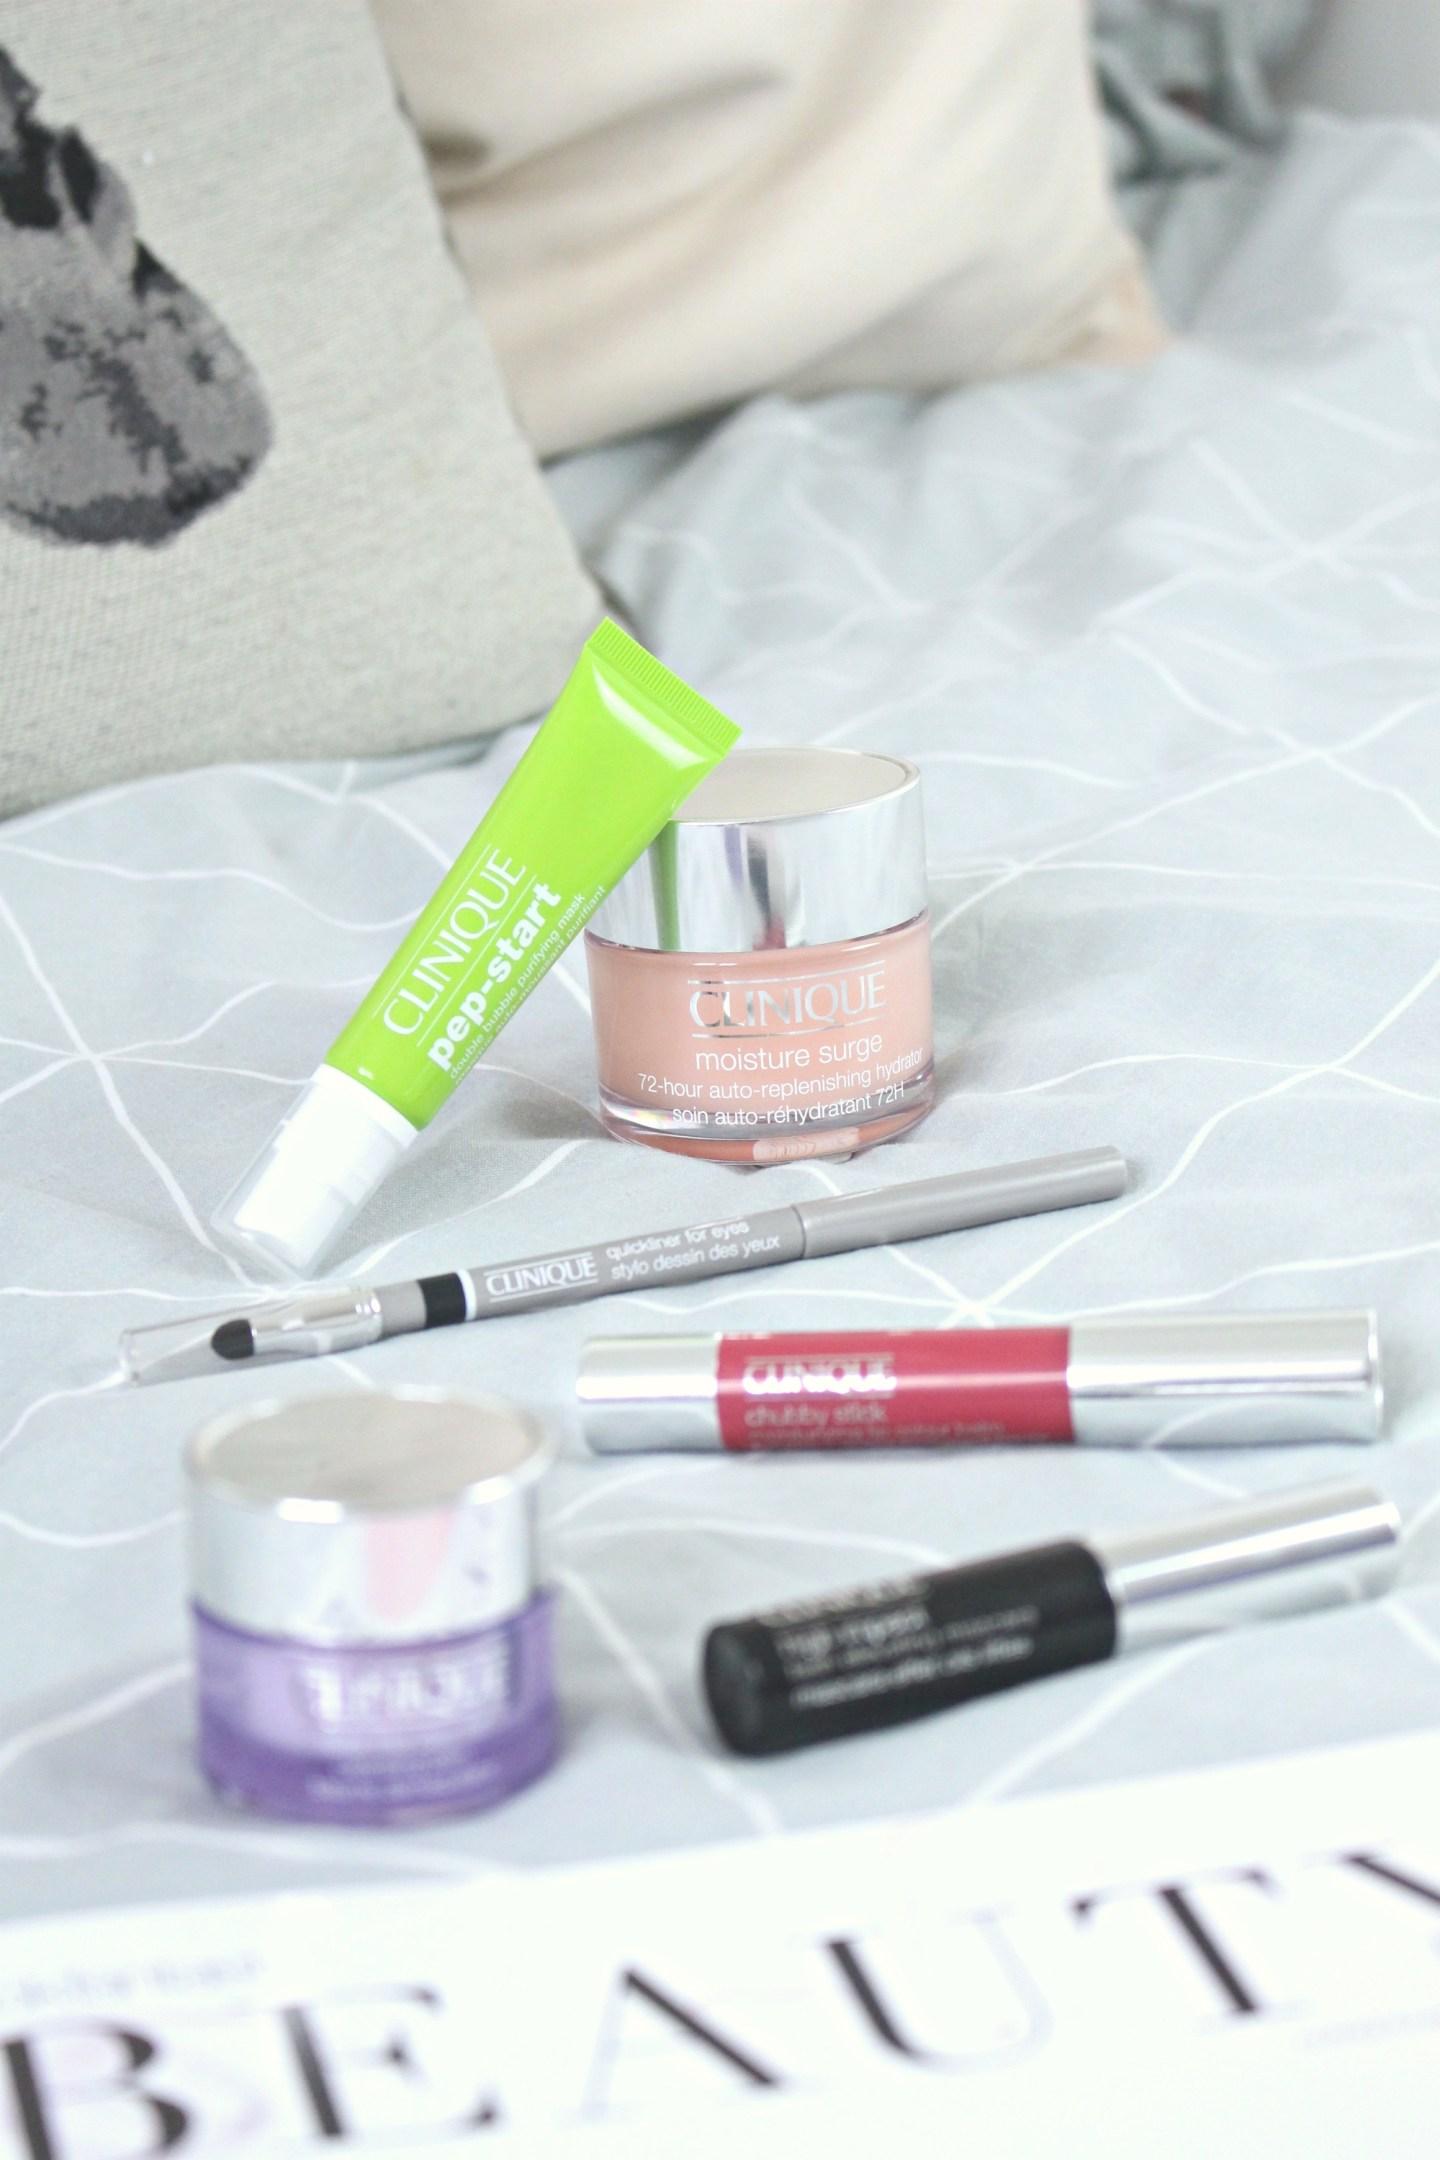 LookFantastic x Clinique Beauty Box